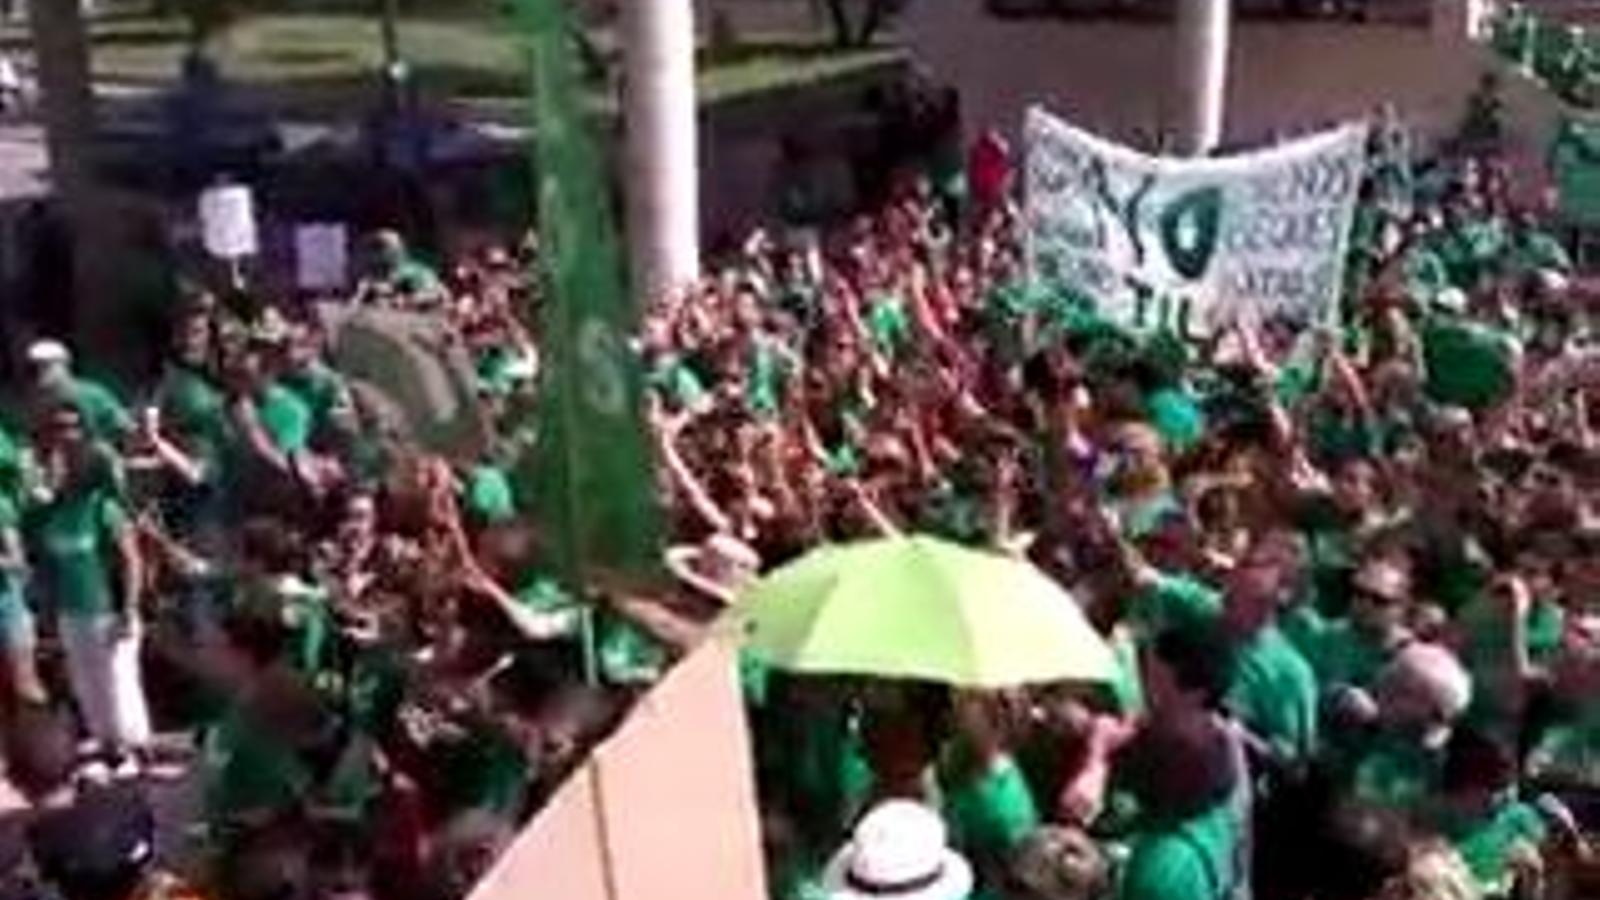 Crits de dimissió davant el rectorat de la UIB